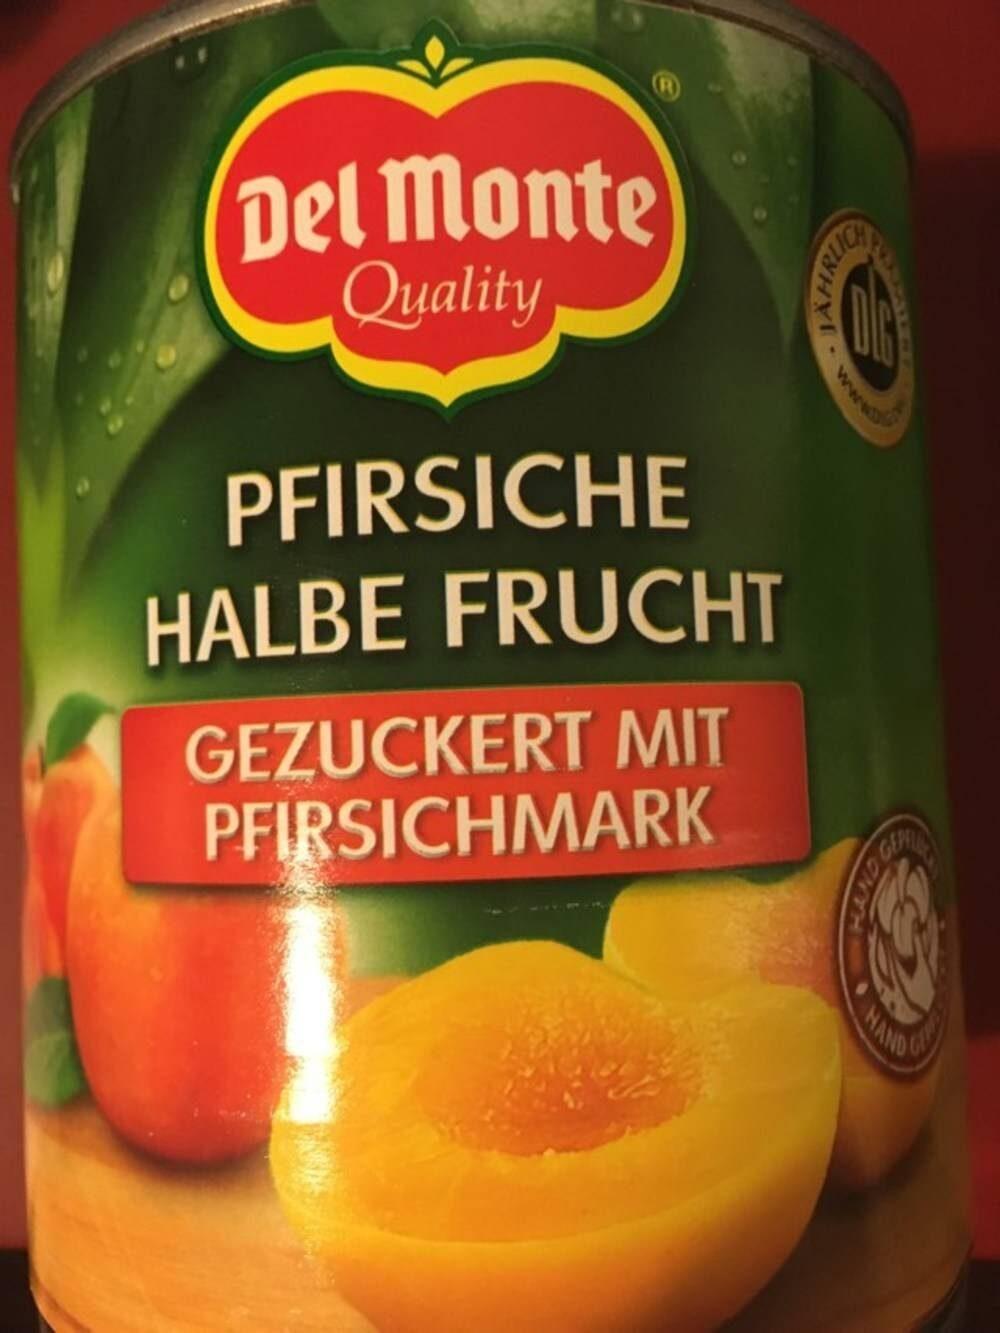 Pfirsiche halbe Frucht - Produit - de